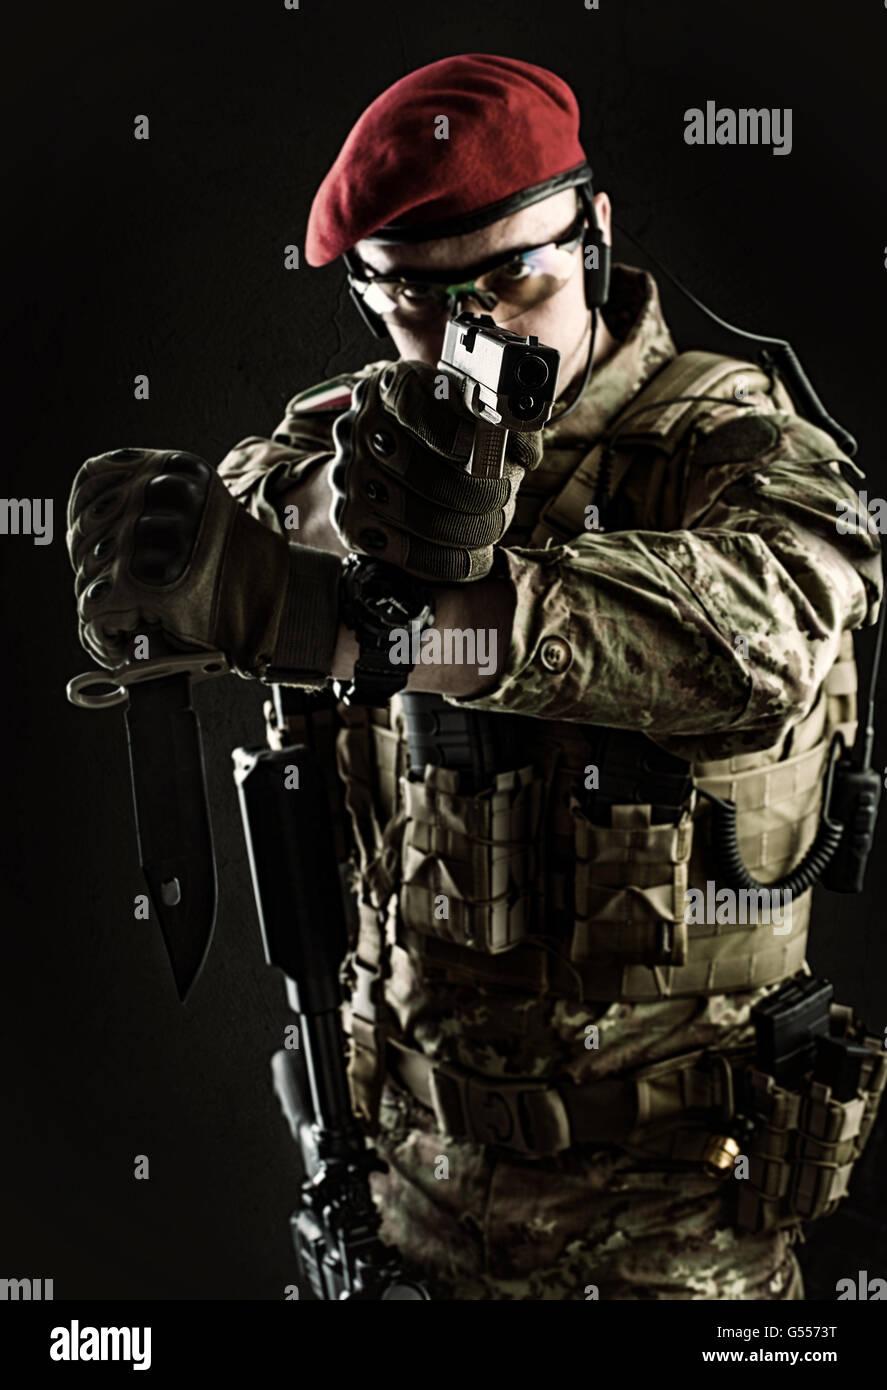 Focus sulla pistola museruola. Bel giovane uomo militare in italiano il camuffamento mirando dalla pistola, egli Immagini Stock